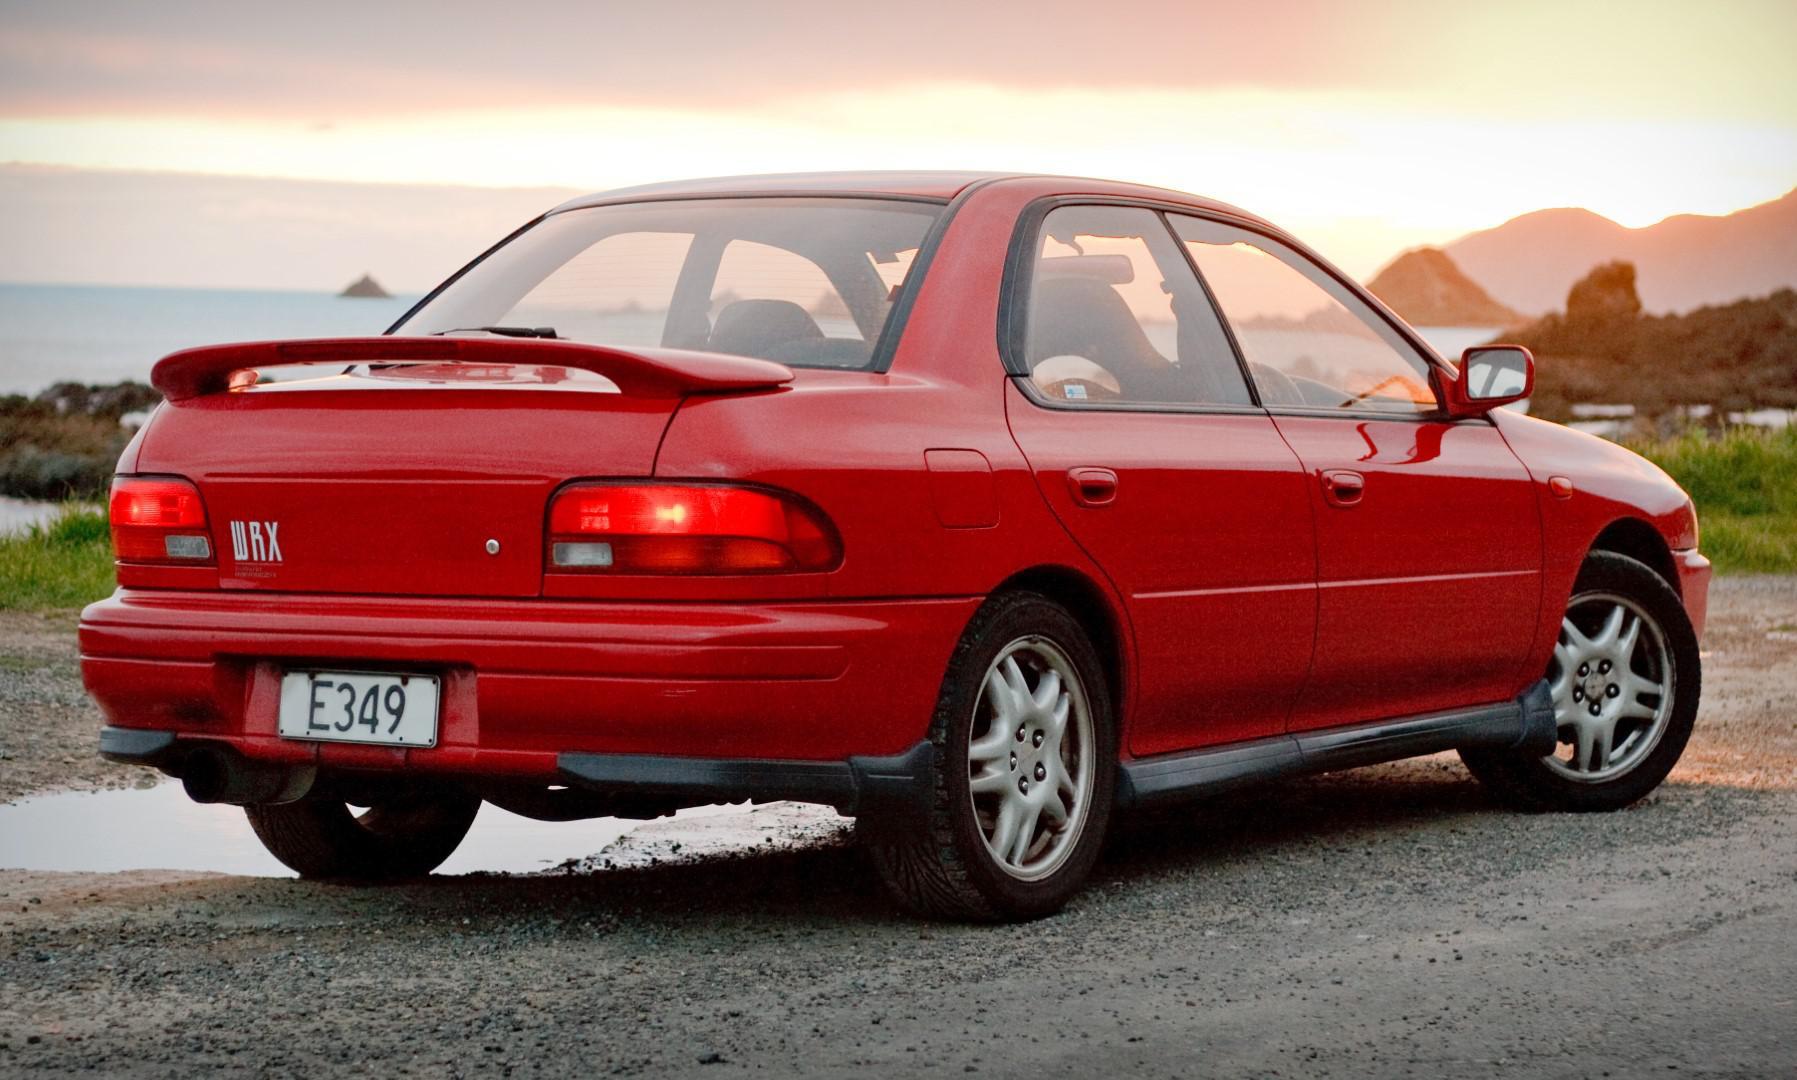 voitures-de-sports-qui-auront-25-ans-aujourd-hui-1269-79.jpg